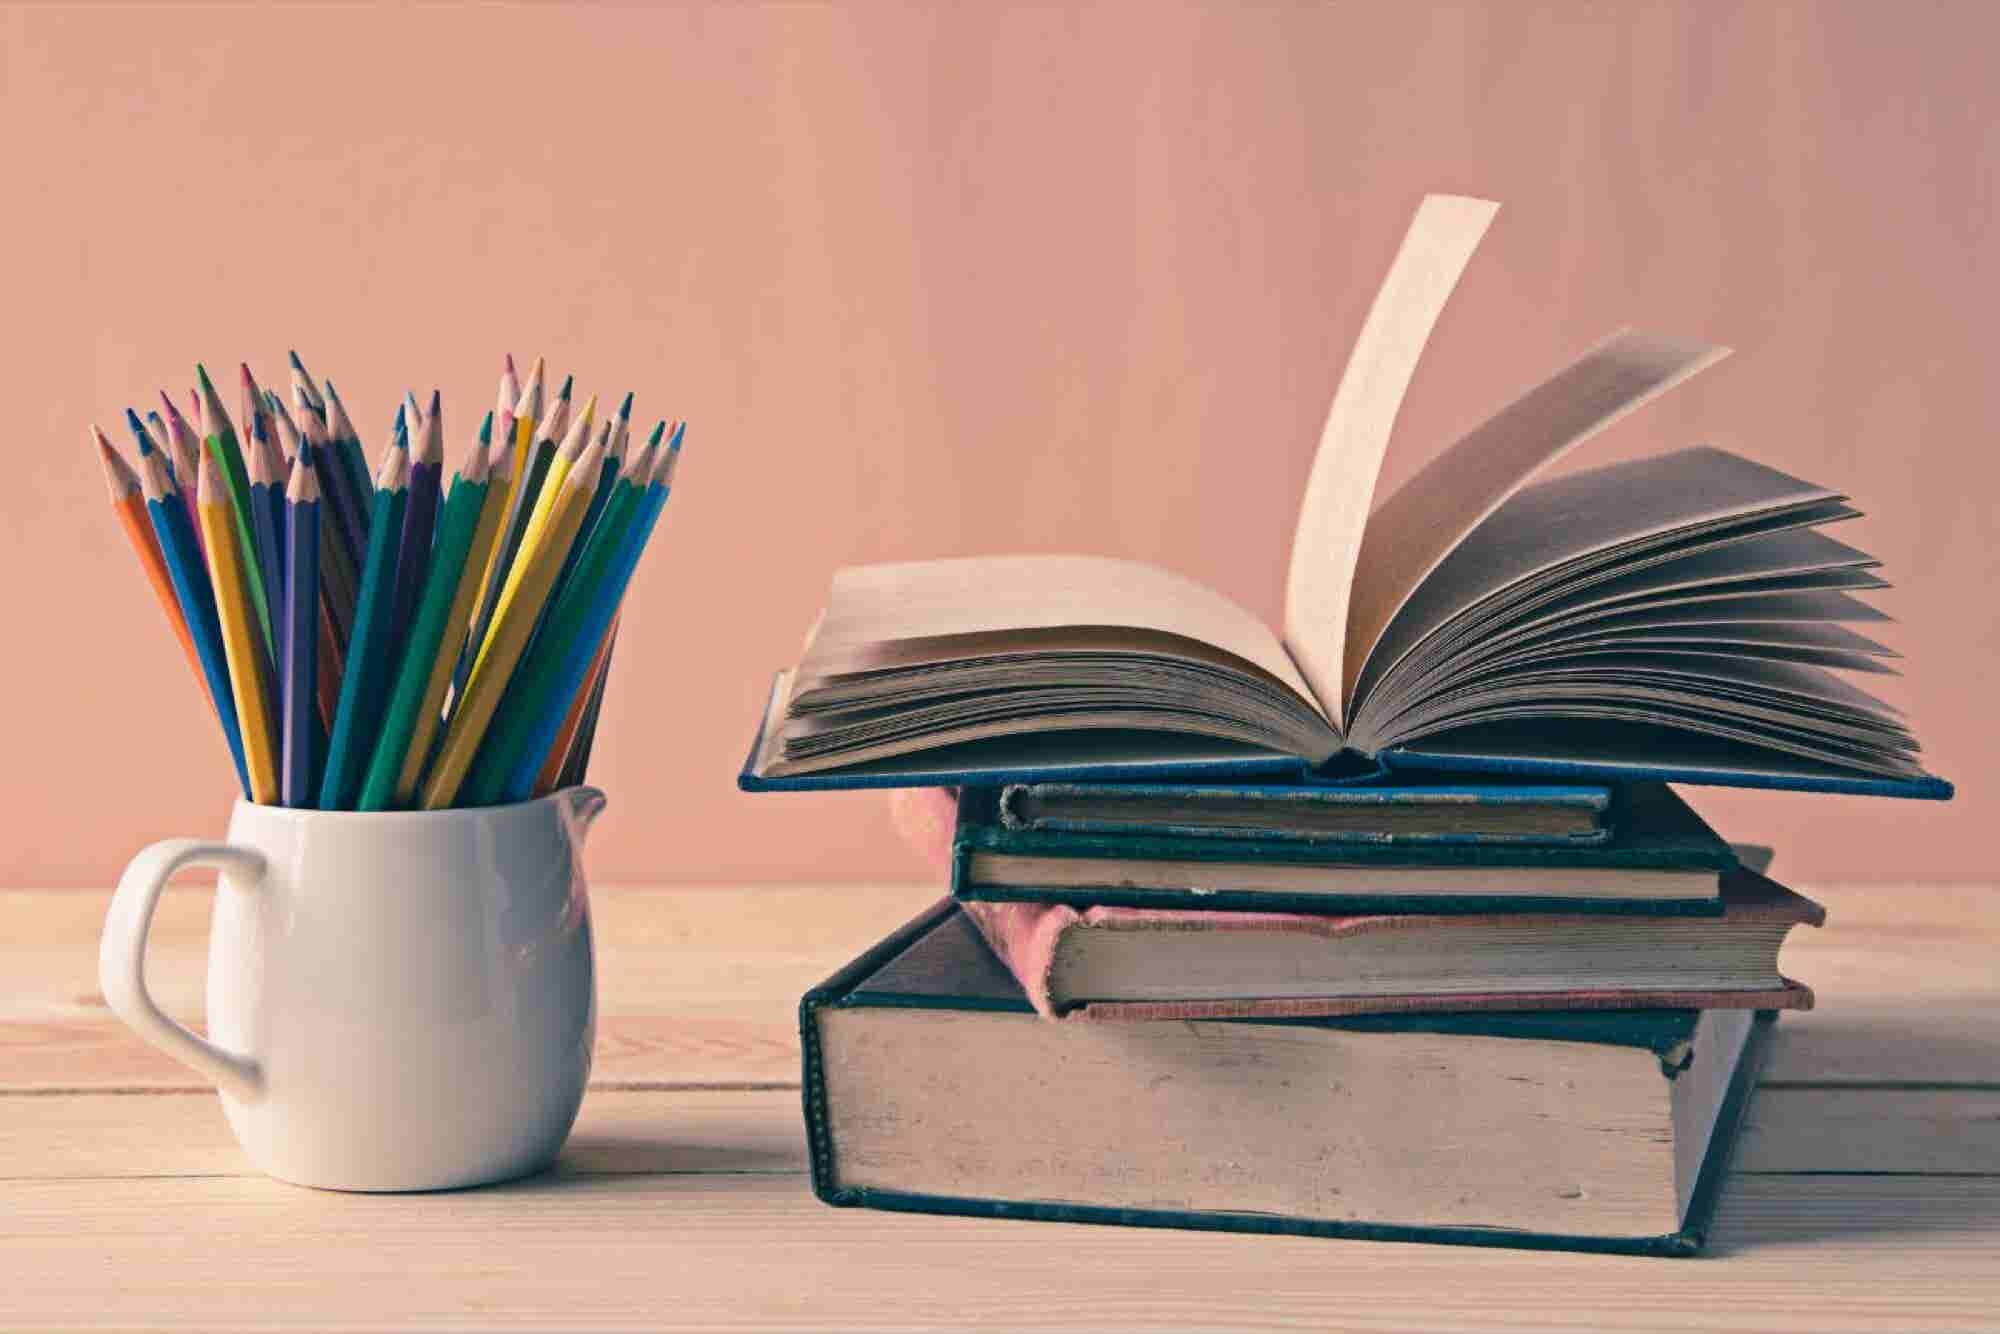 Aprende a elaborar tu tesis con el curso gratuito de la UNAM